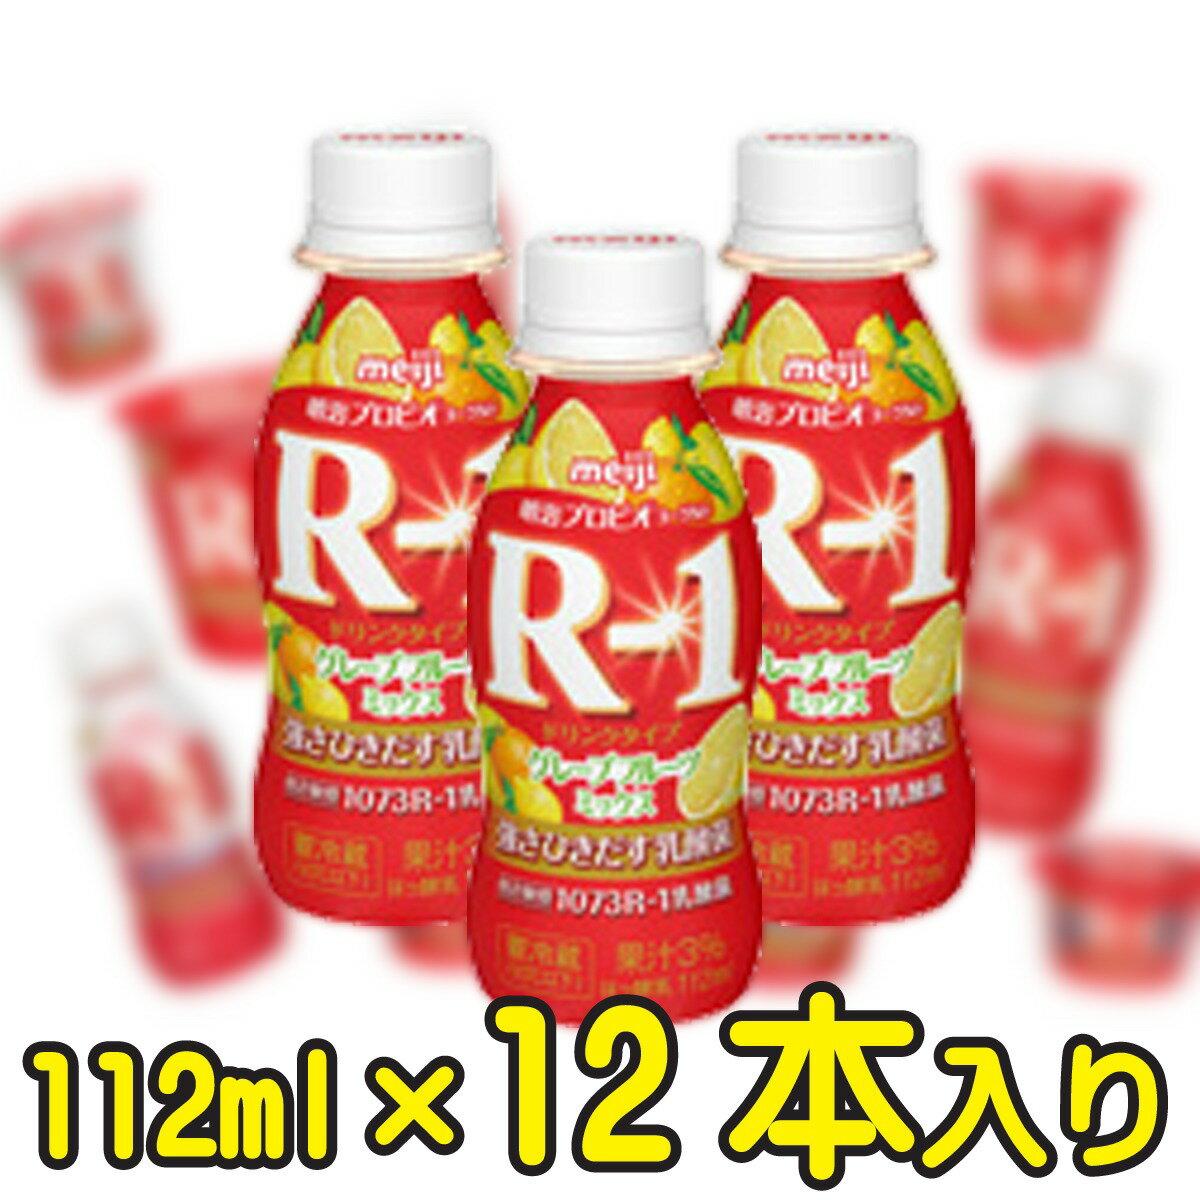 明治プロビオヨーグルトR-1ドリンクタイプ グレープフルーツミックス【1ケース12本入り】